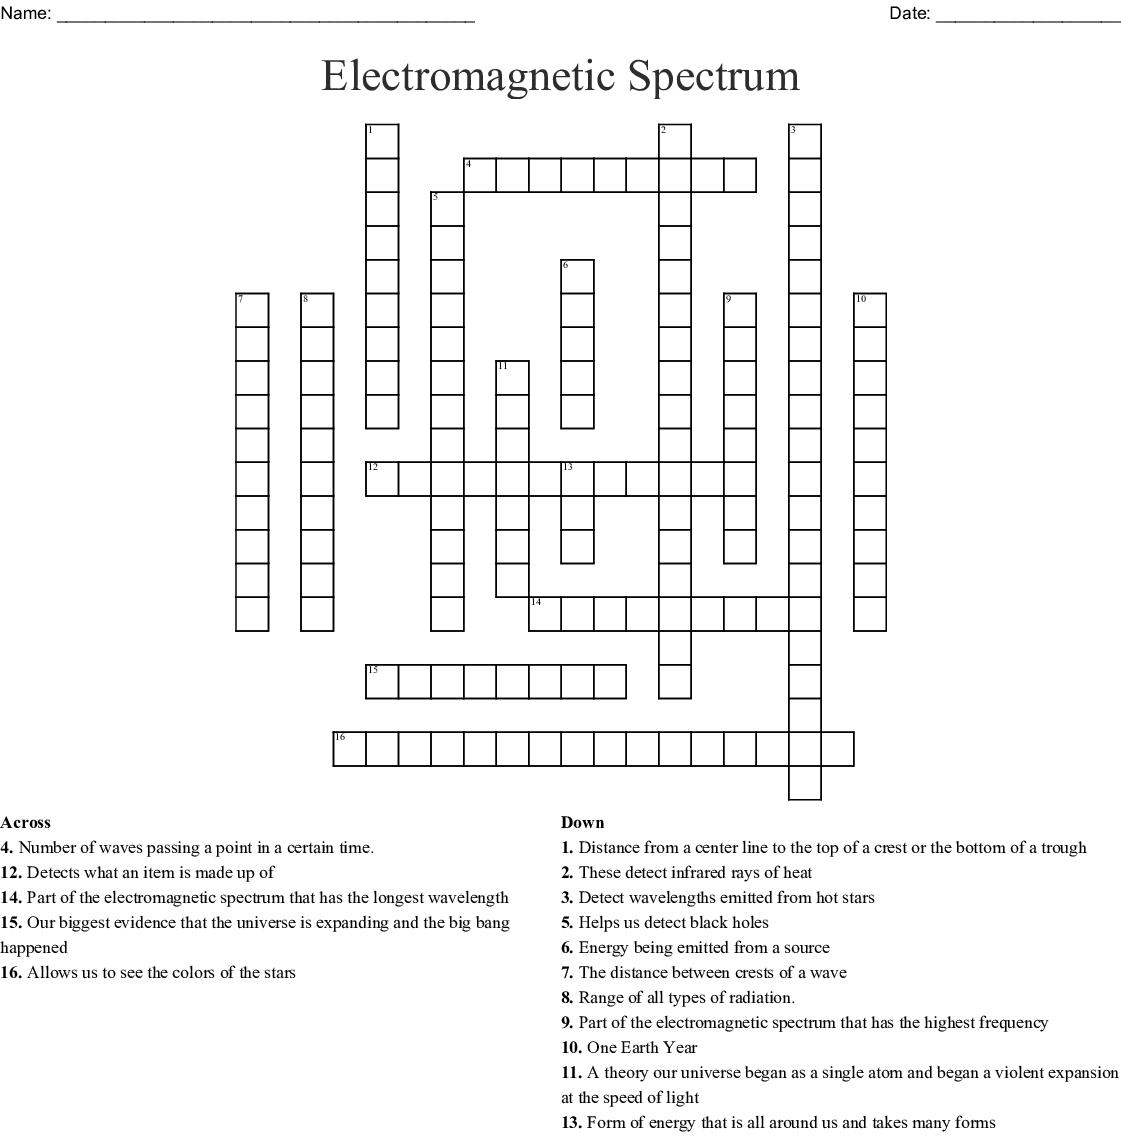 Electromagnetic Spectrum Crossword - WordMint